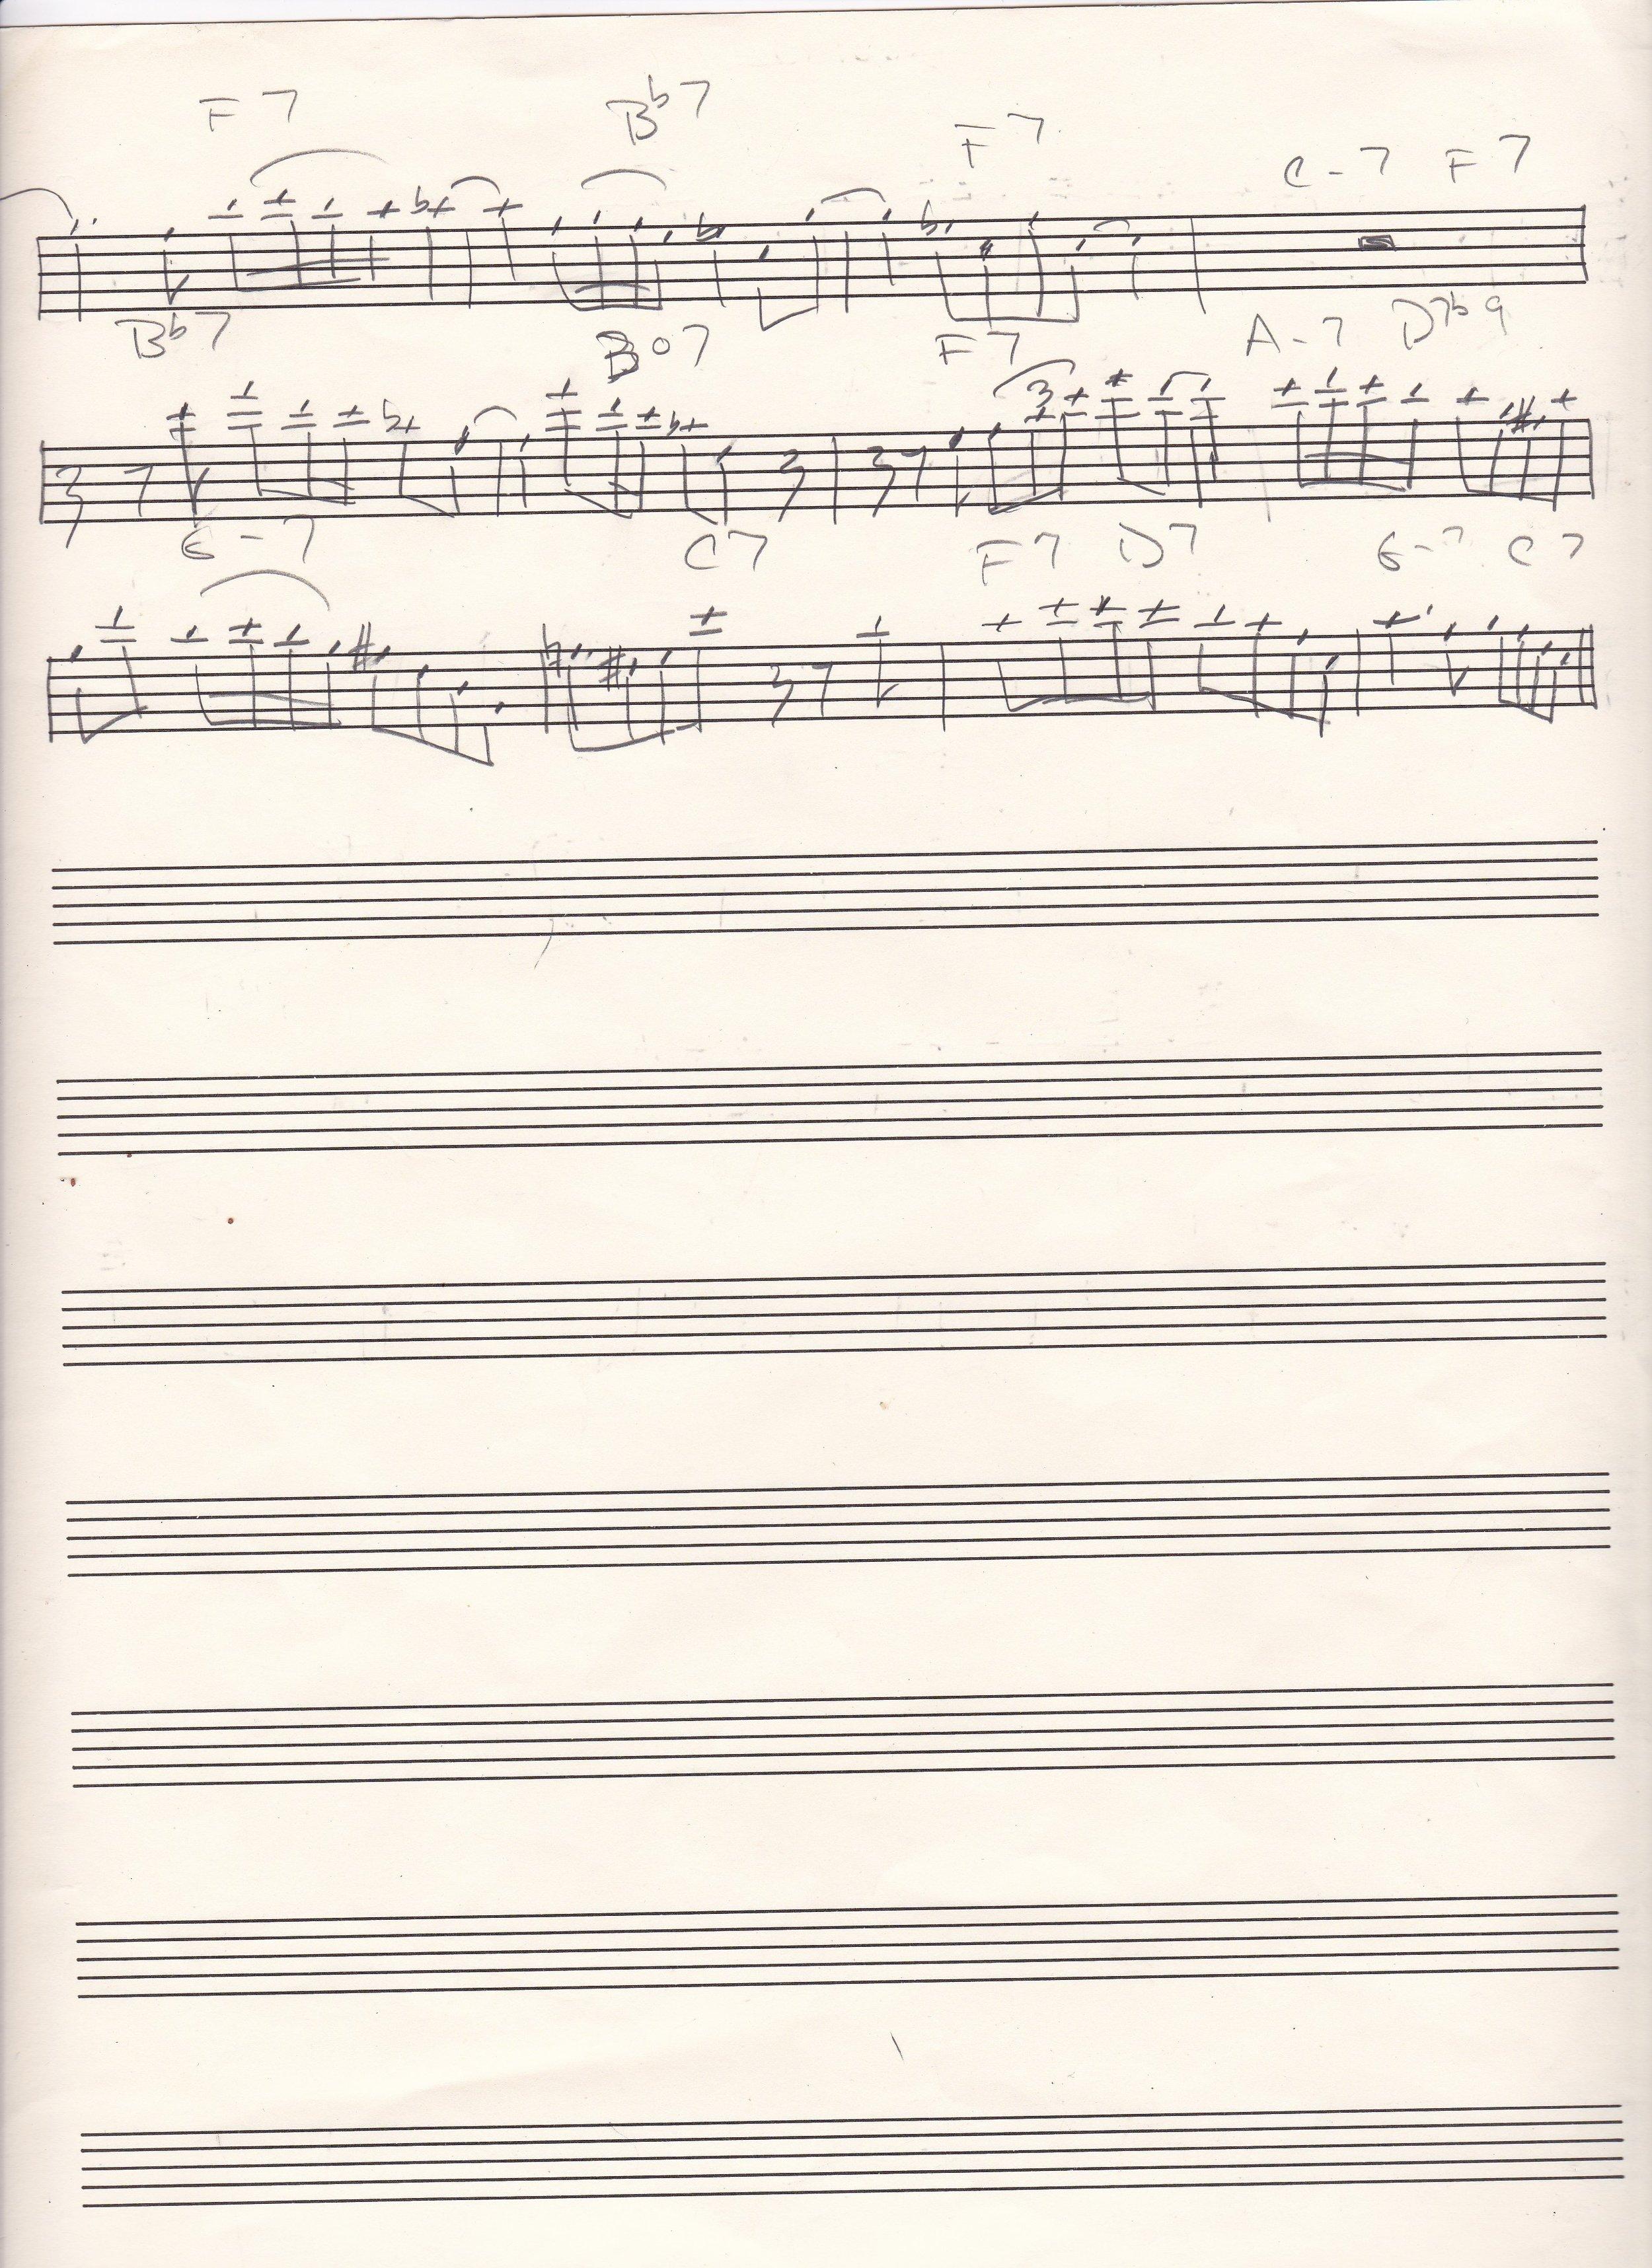 Billie's Bounce p.2 Charlie Parker's solo